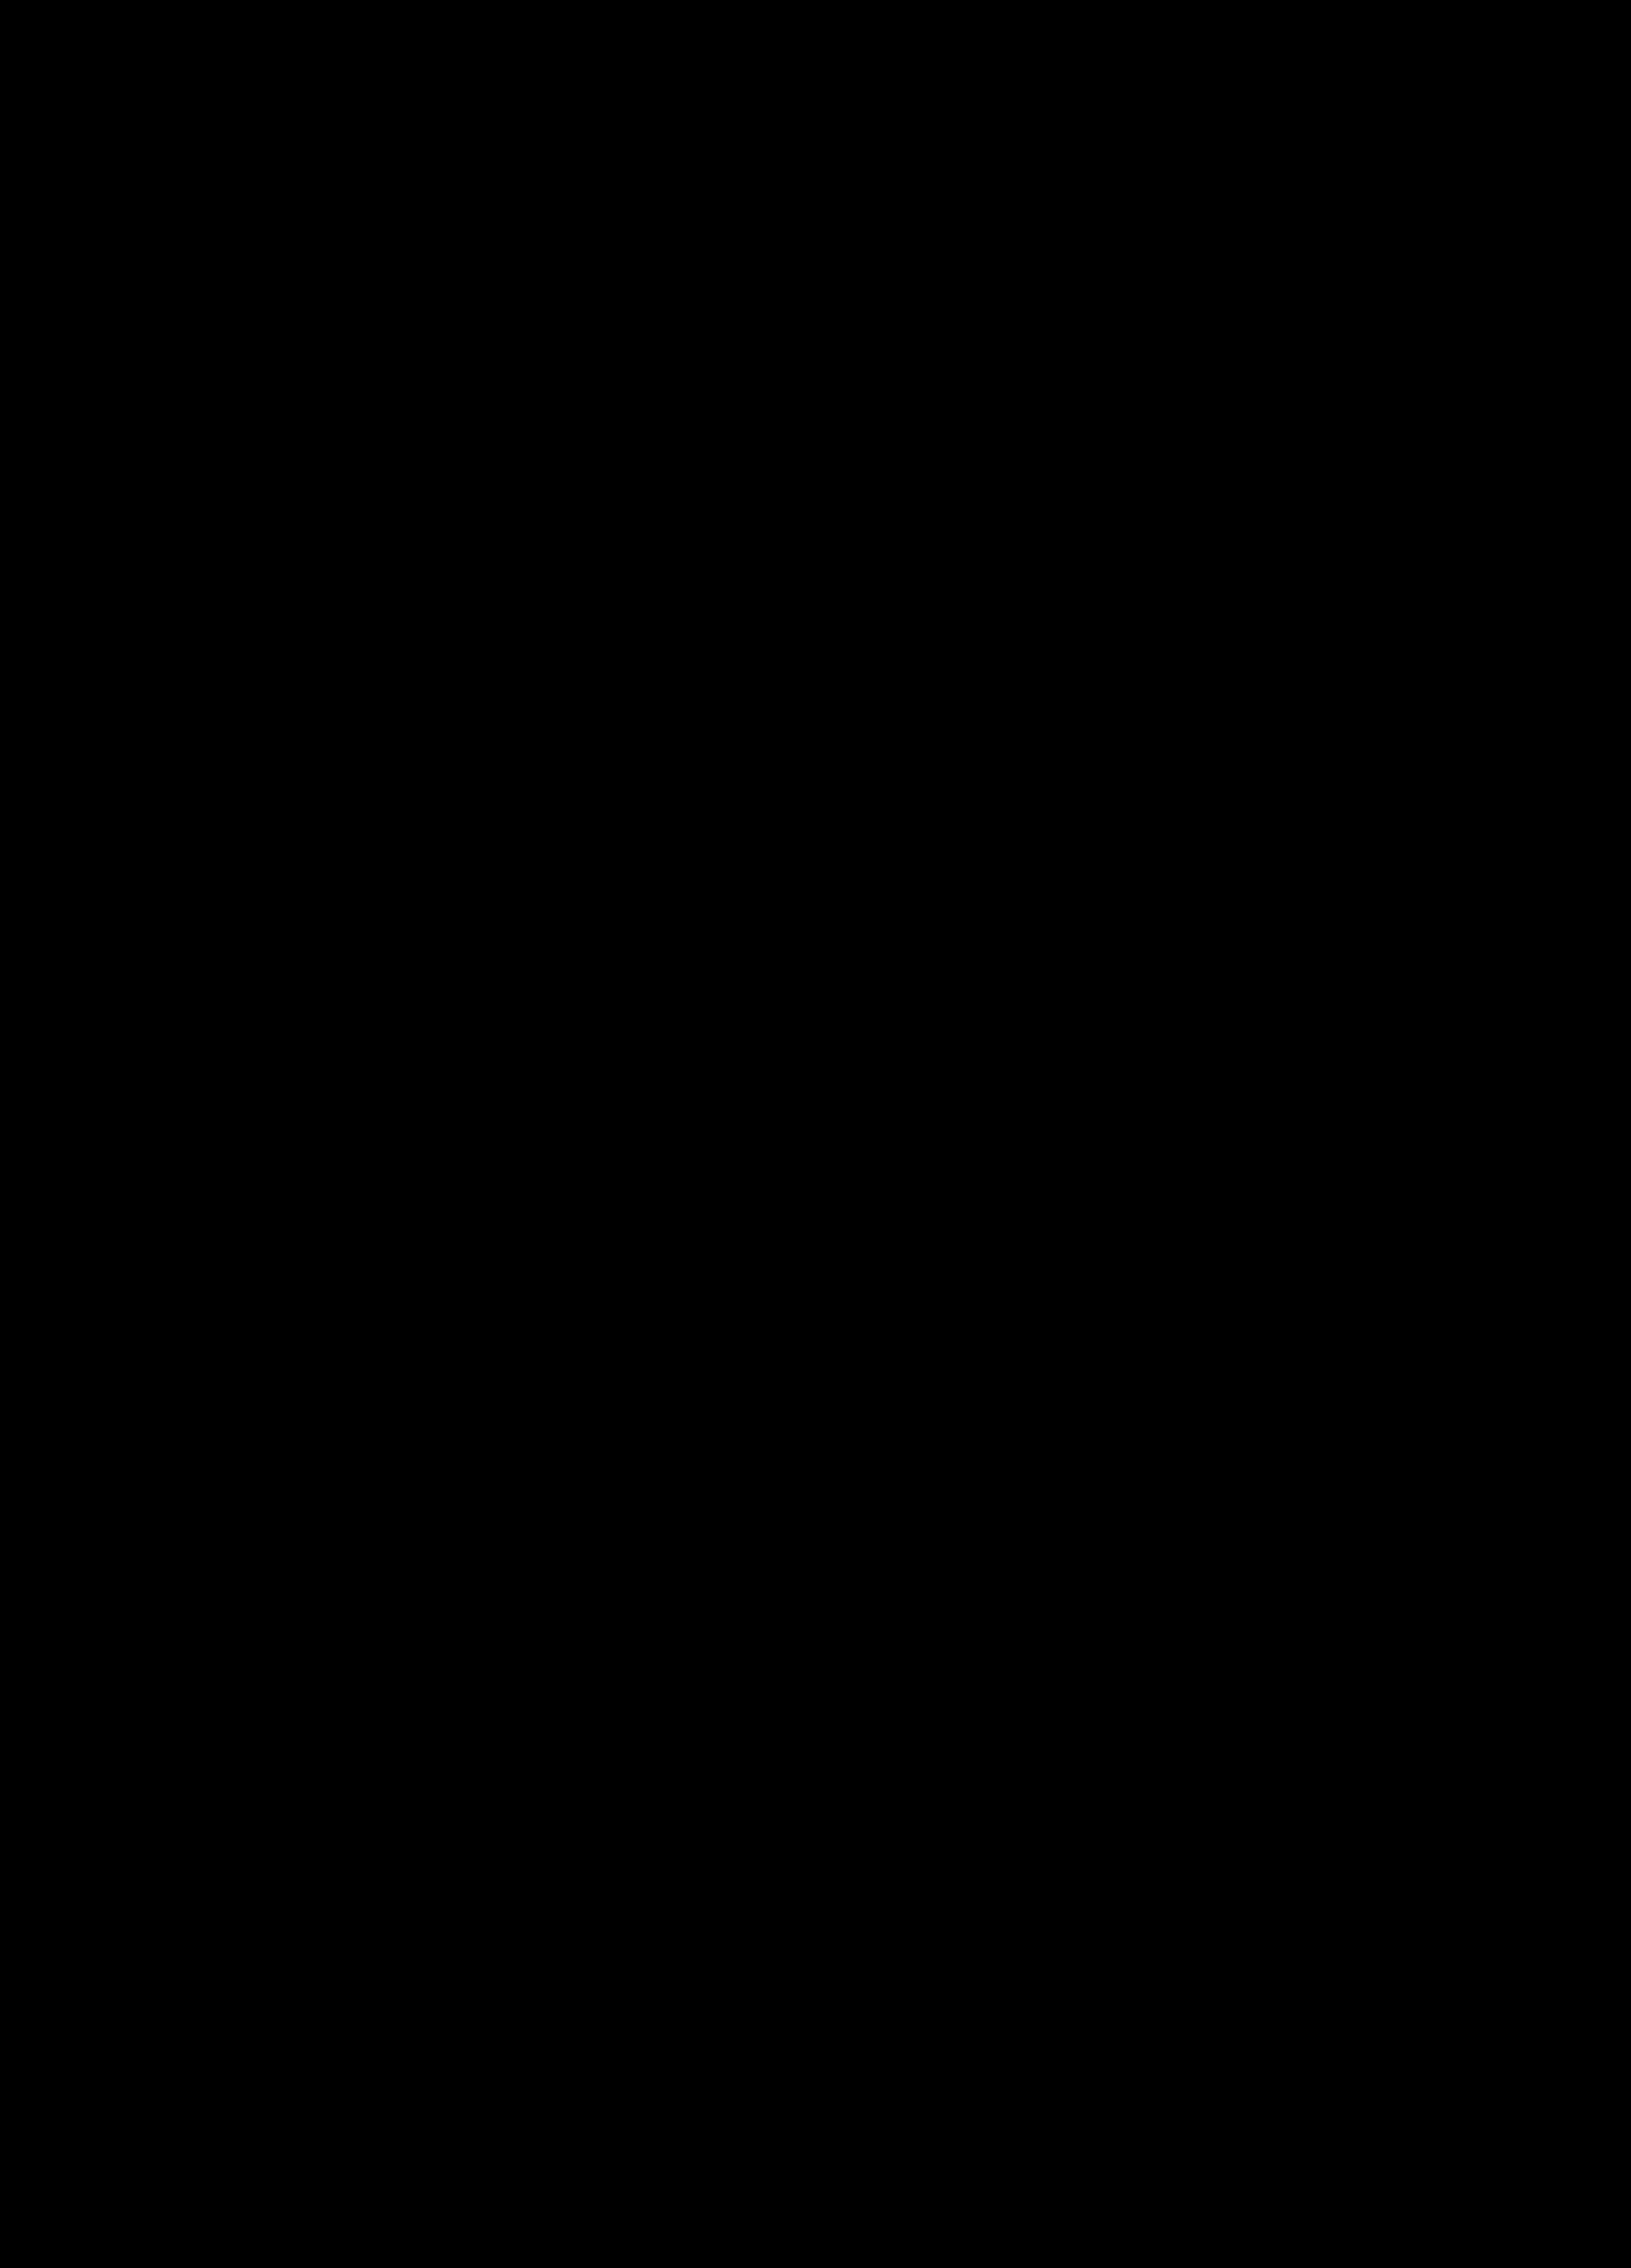 Planet clipart frame. Image result for fantasy